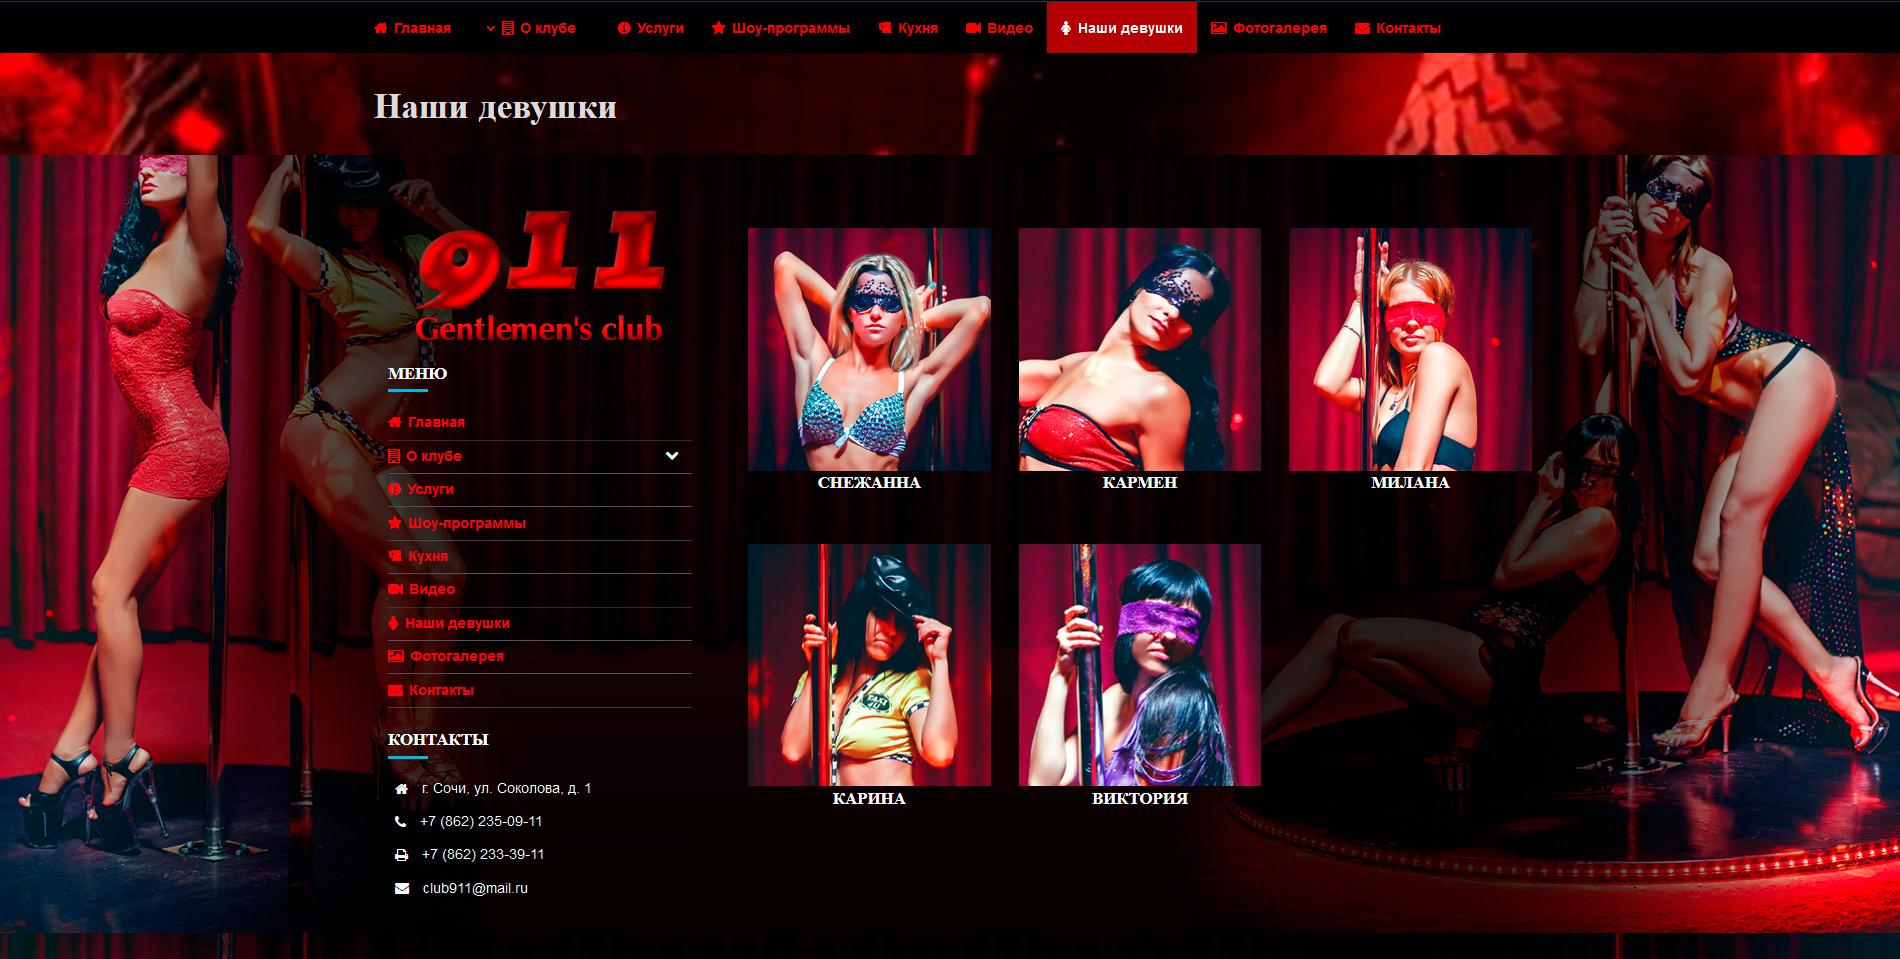 Сайт клуба 911